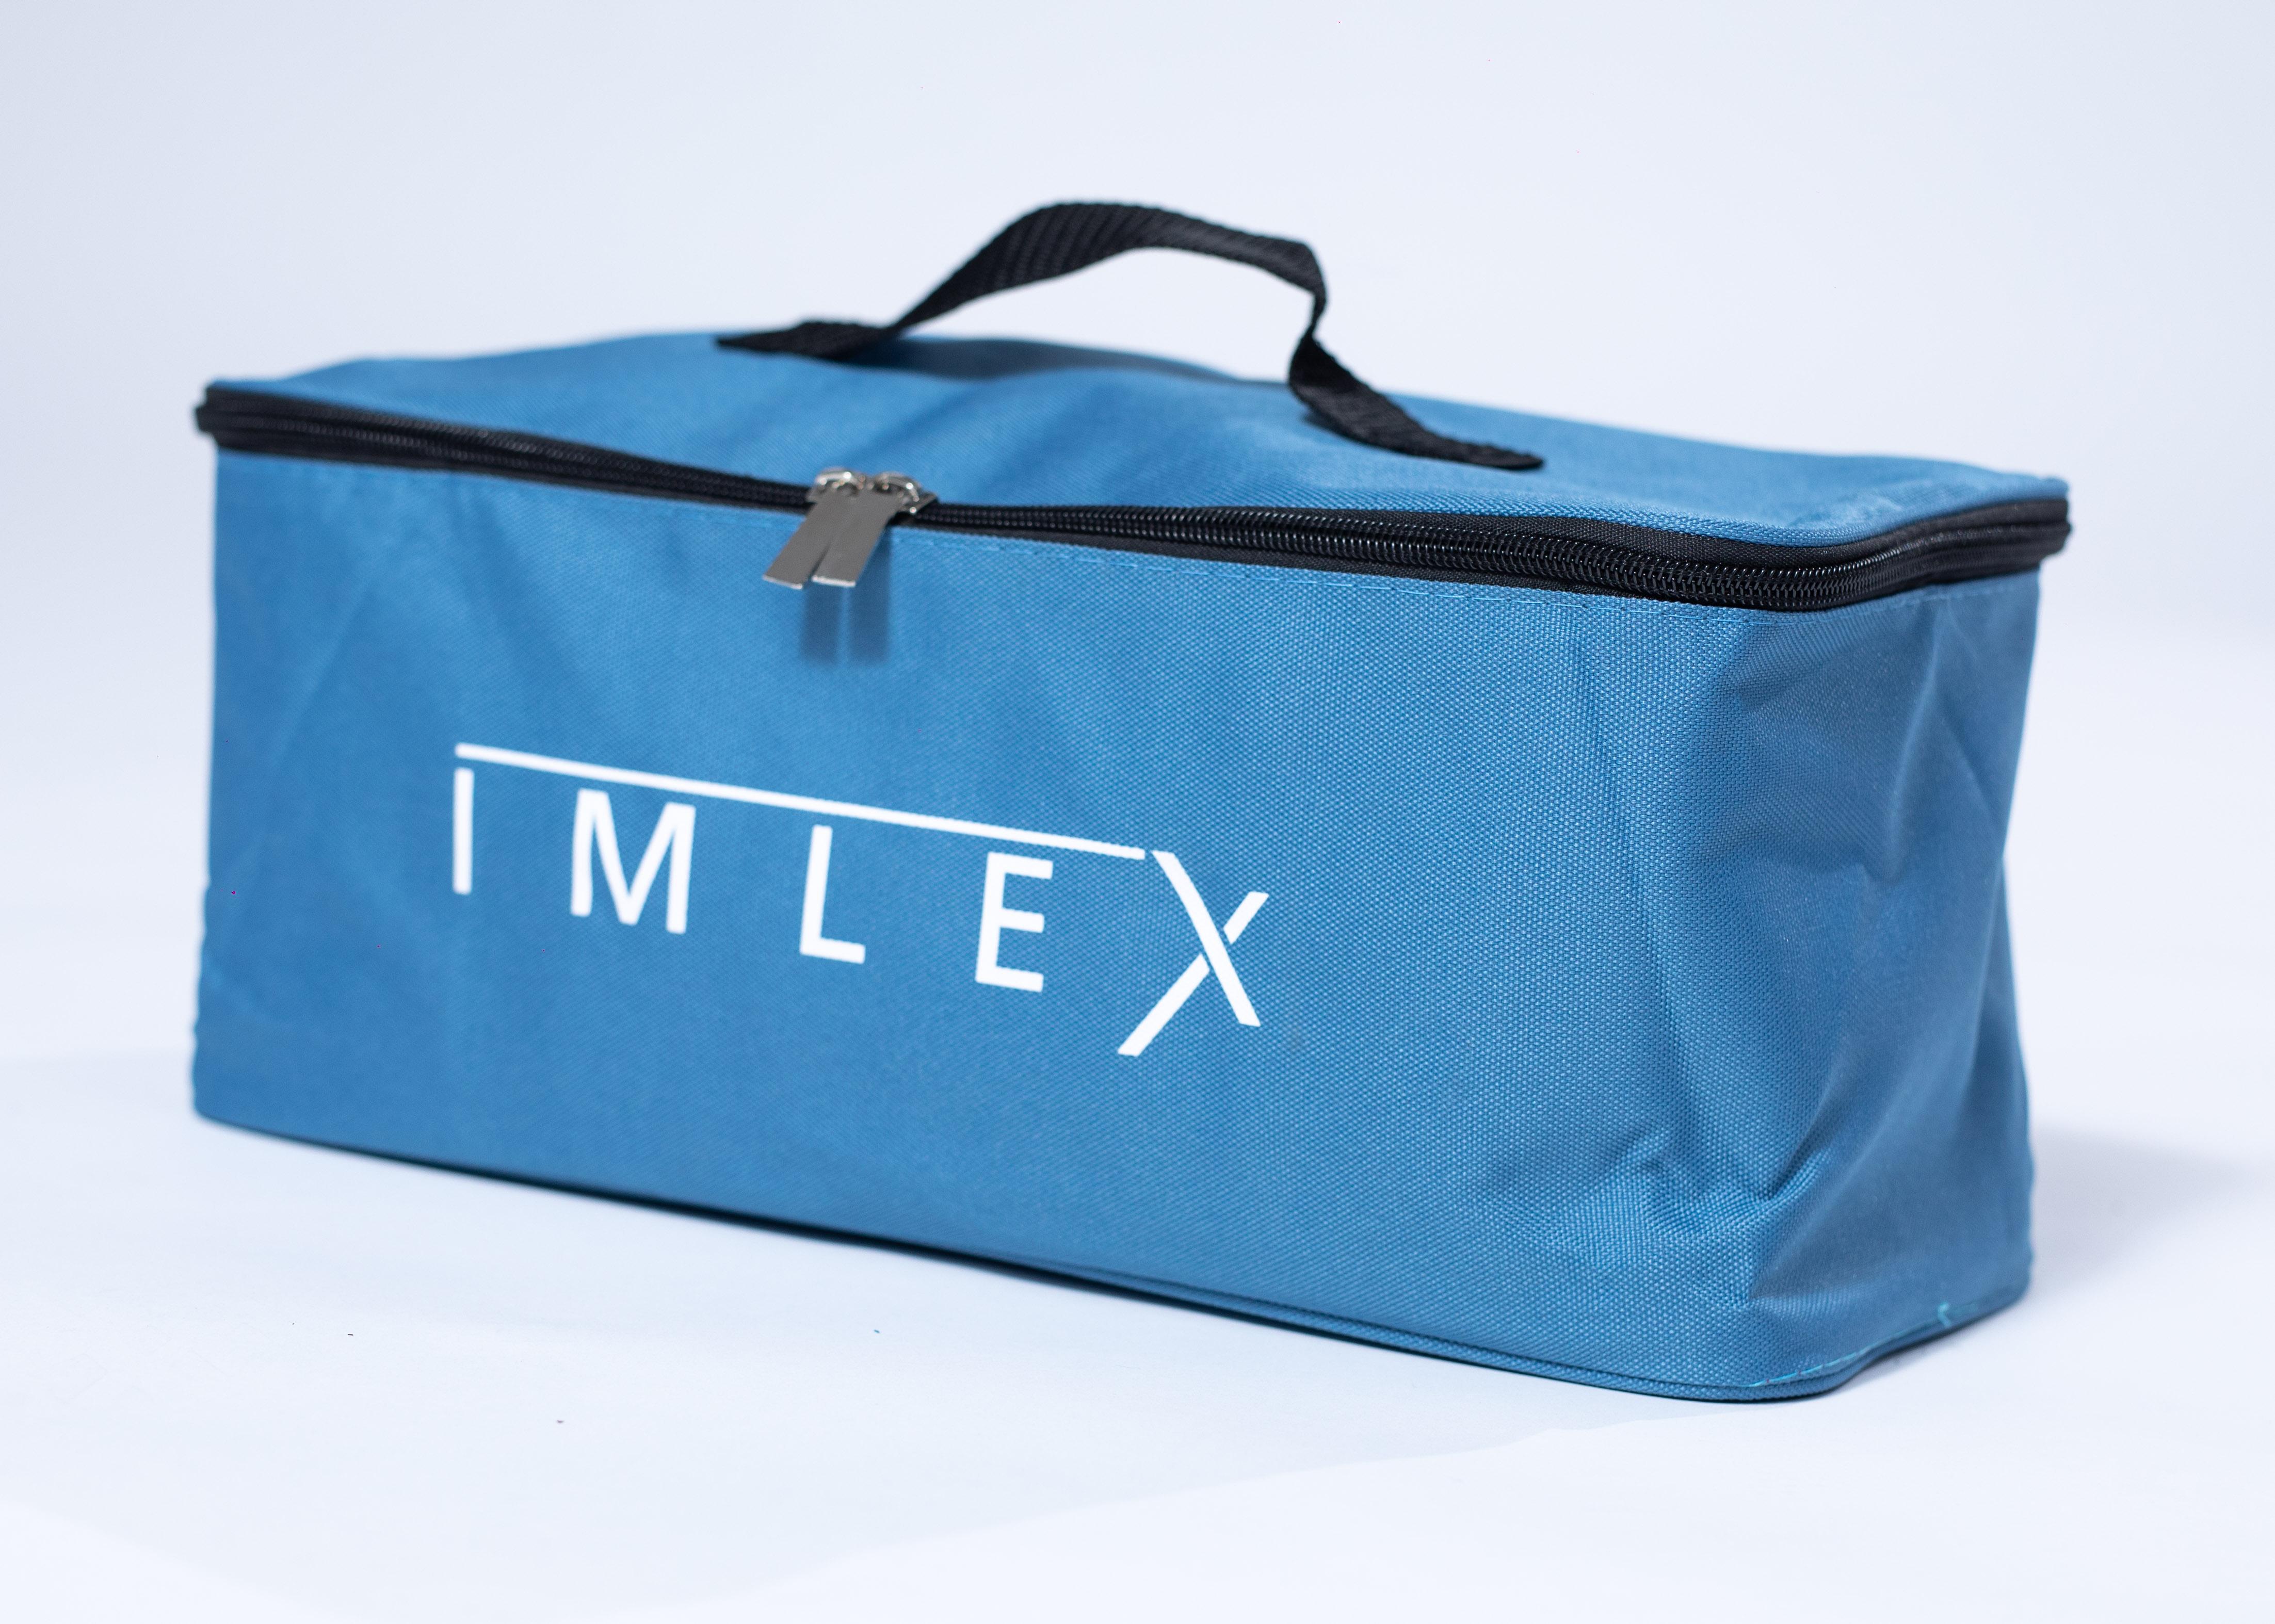 Regenschutz Wagen IMLEX Bollerwagen IM-4268  Blau//Grau Strandwagen Kühltasche